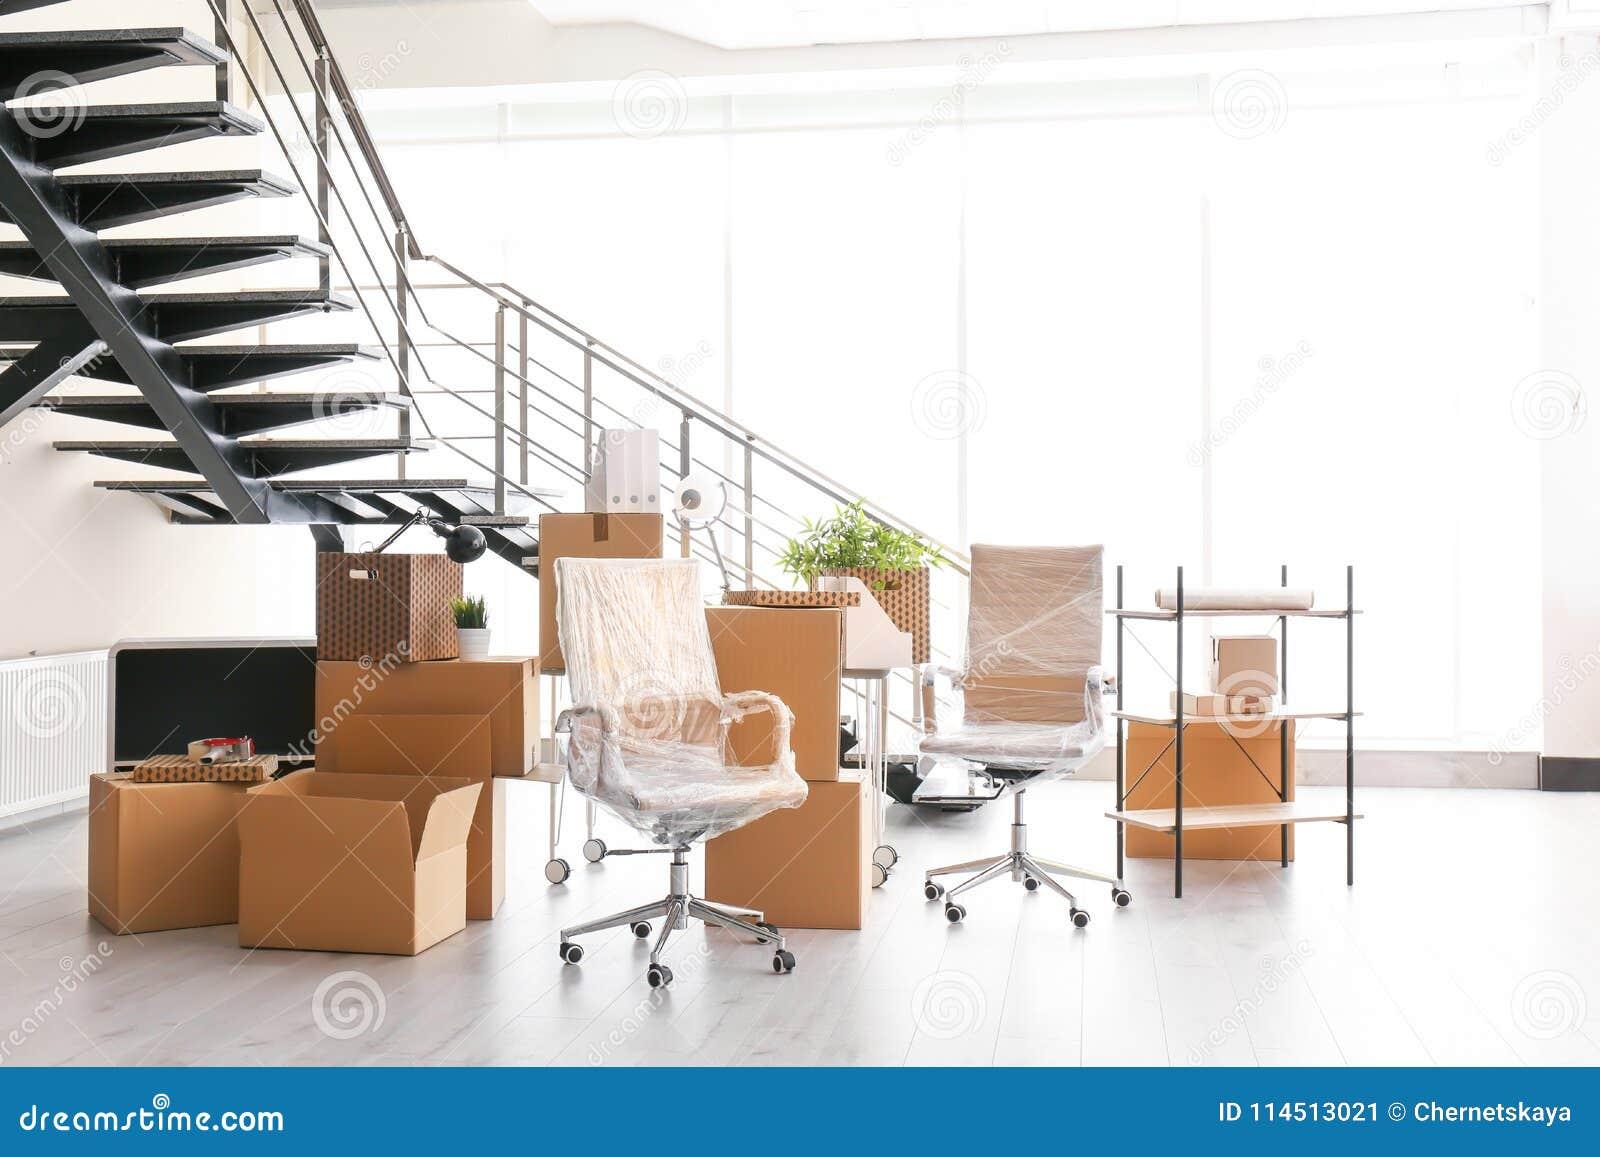 移动的箱子和家具